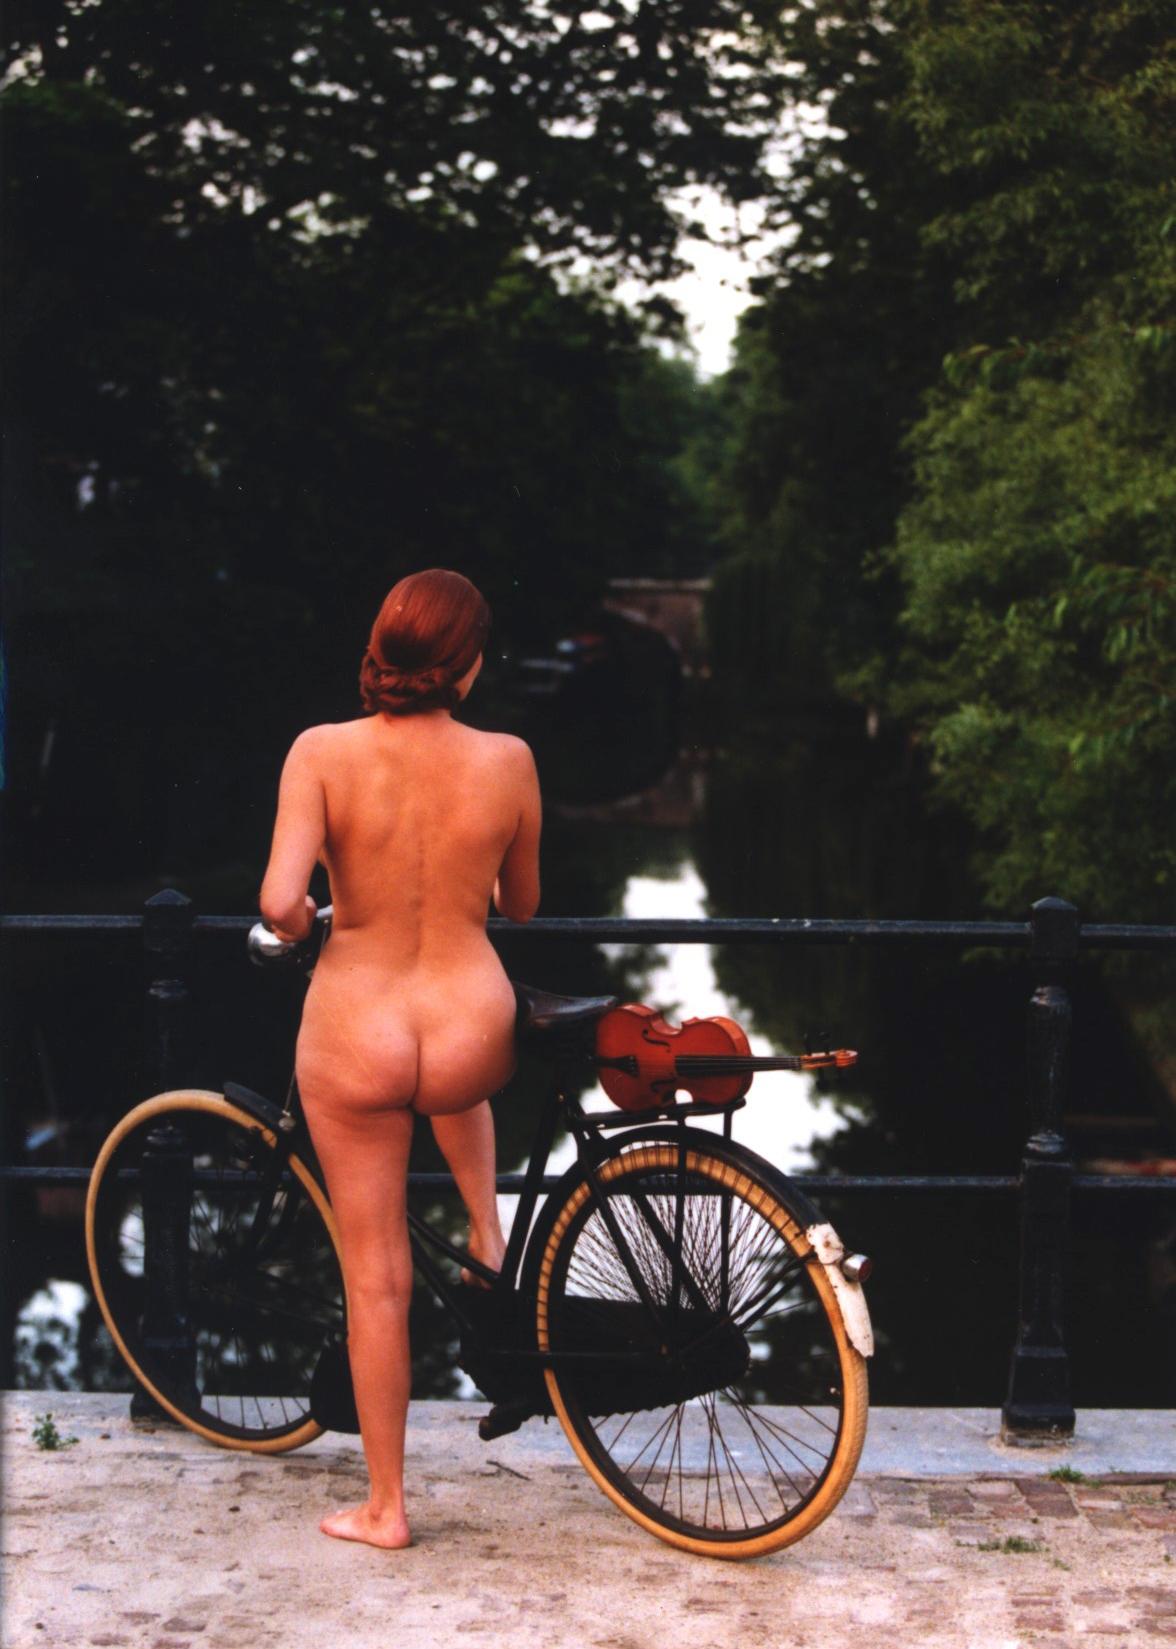 Still uit de film 'Geest van de Werf' naar het schilderij 'Het gerucht' van Joop Moesman